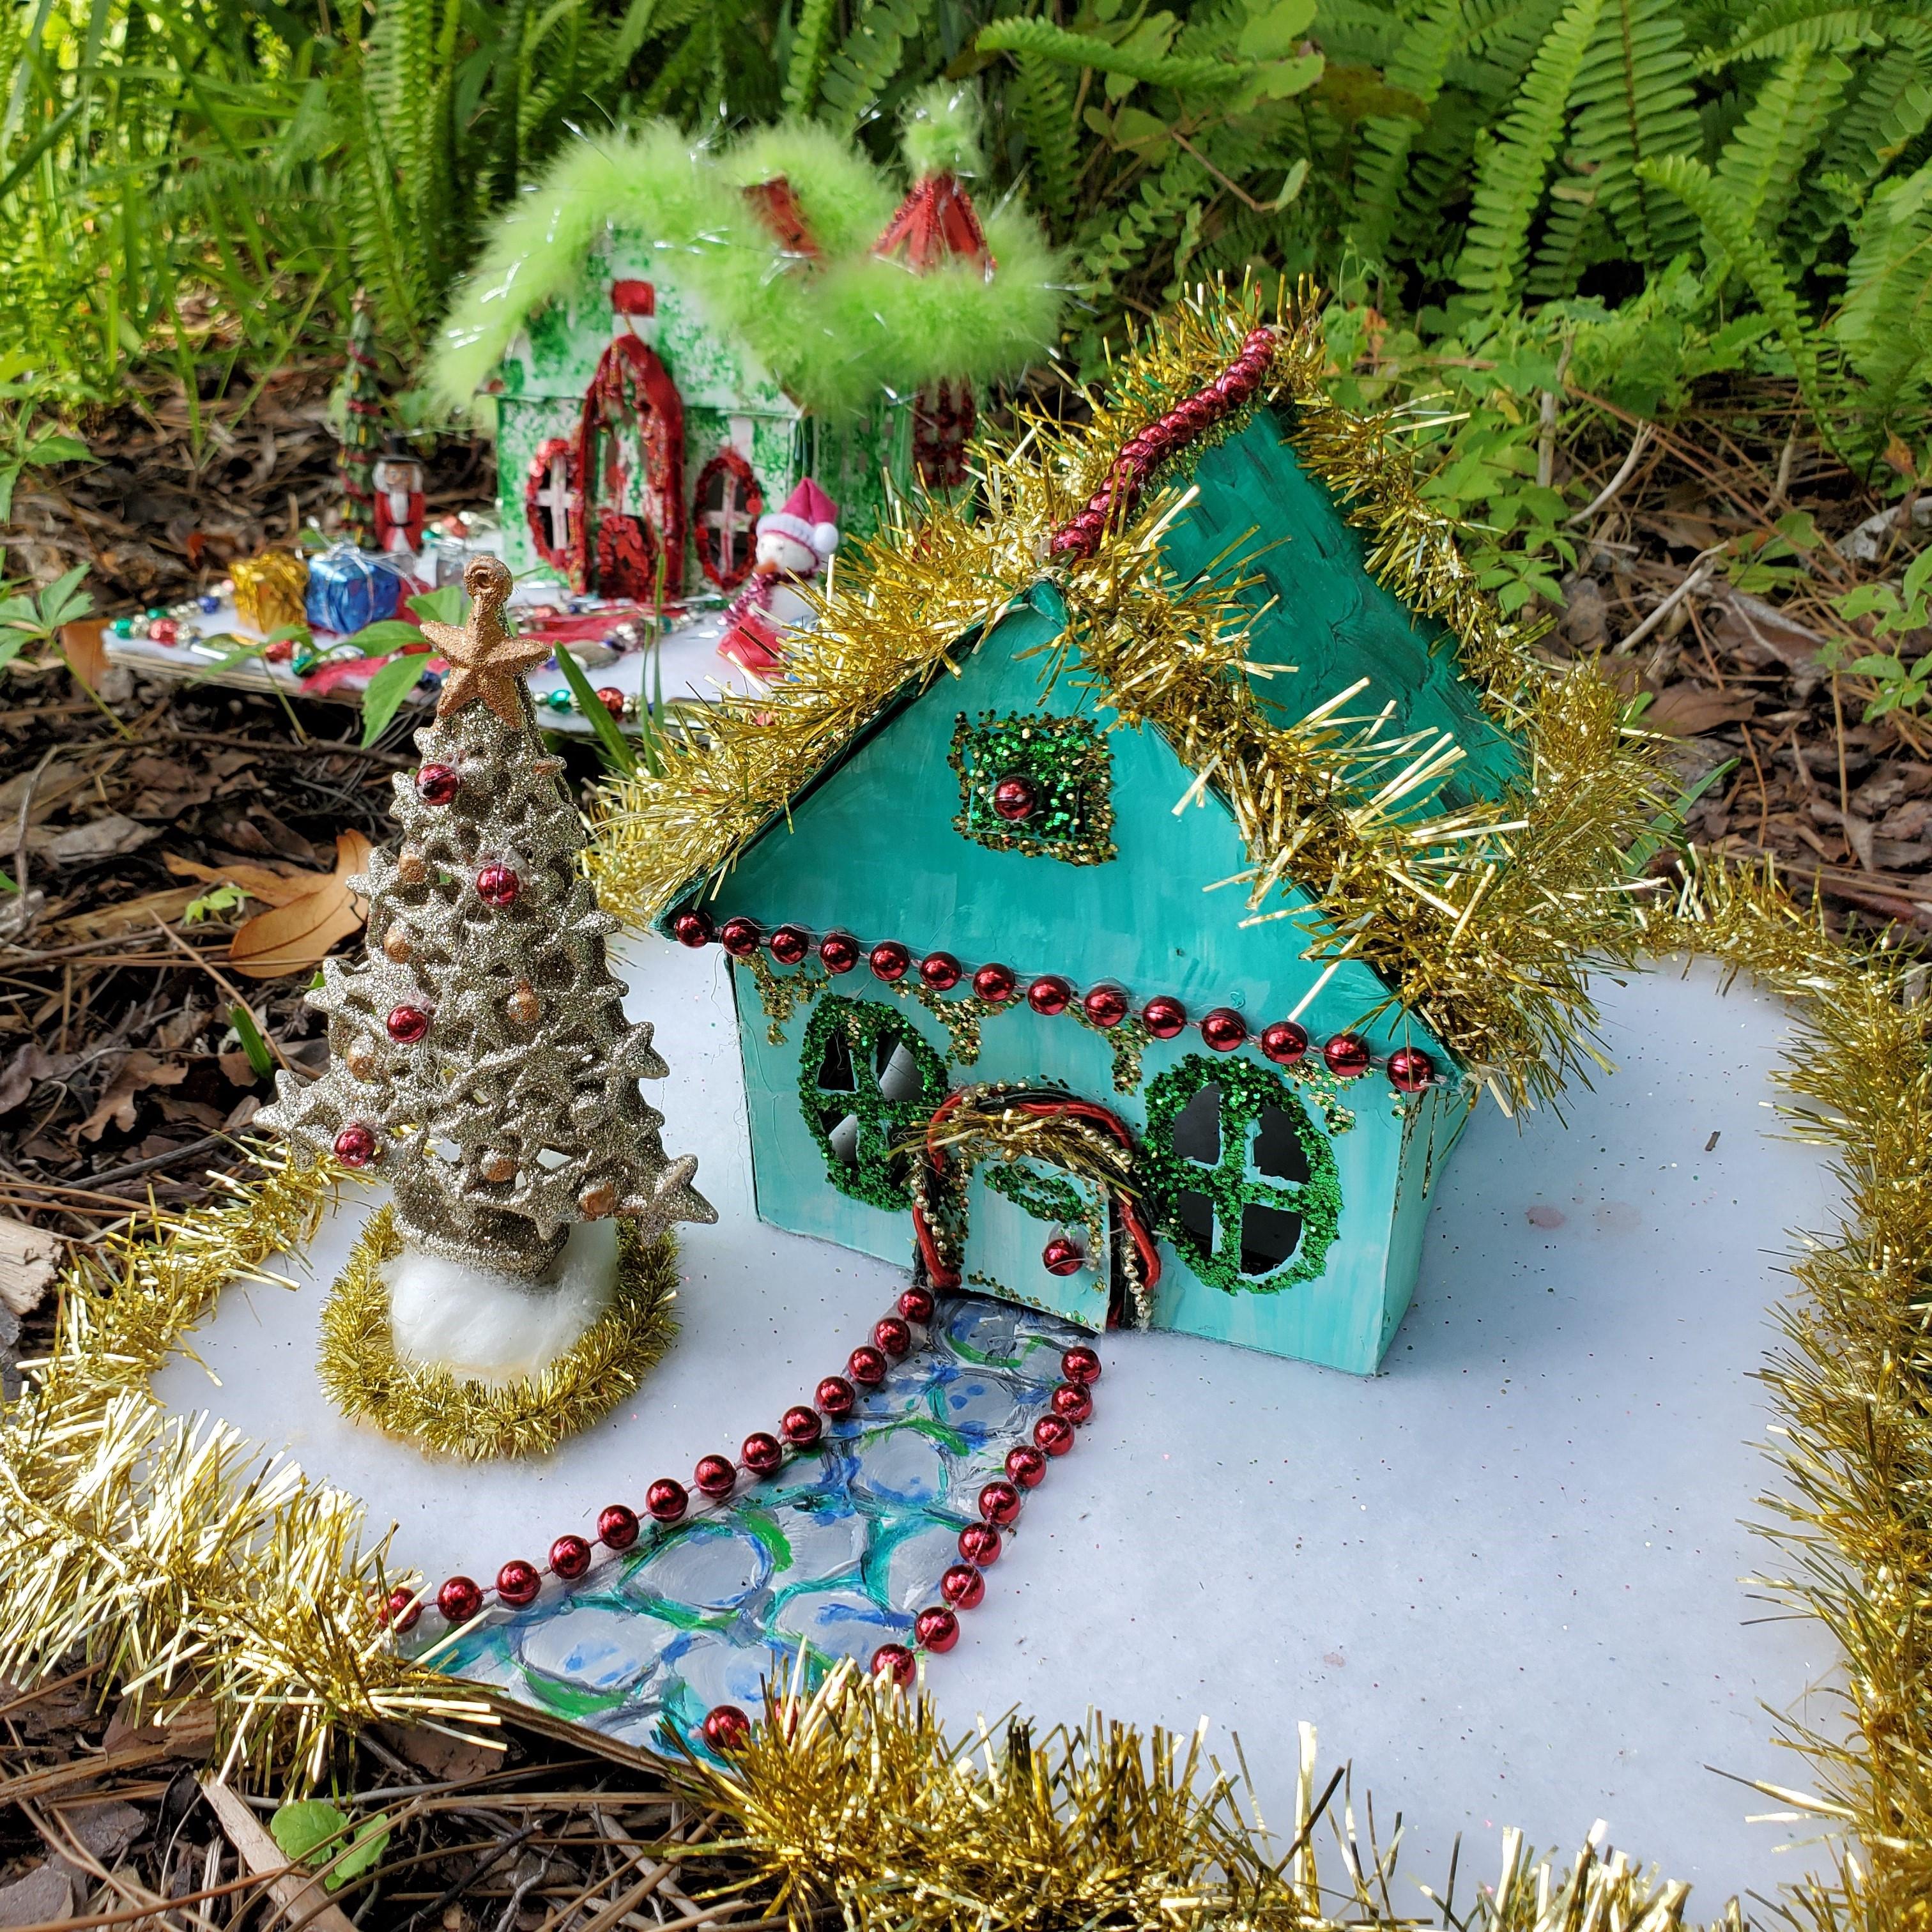 Holiday Cottage Workshop for Kids